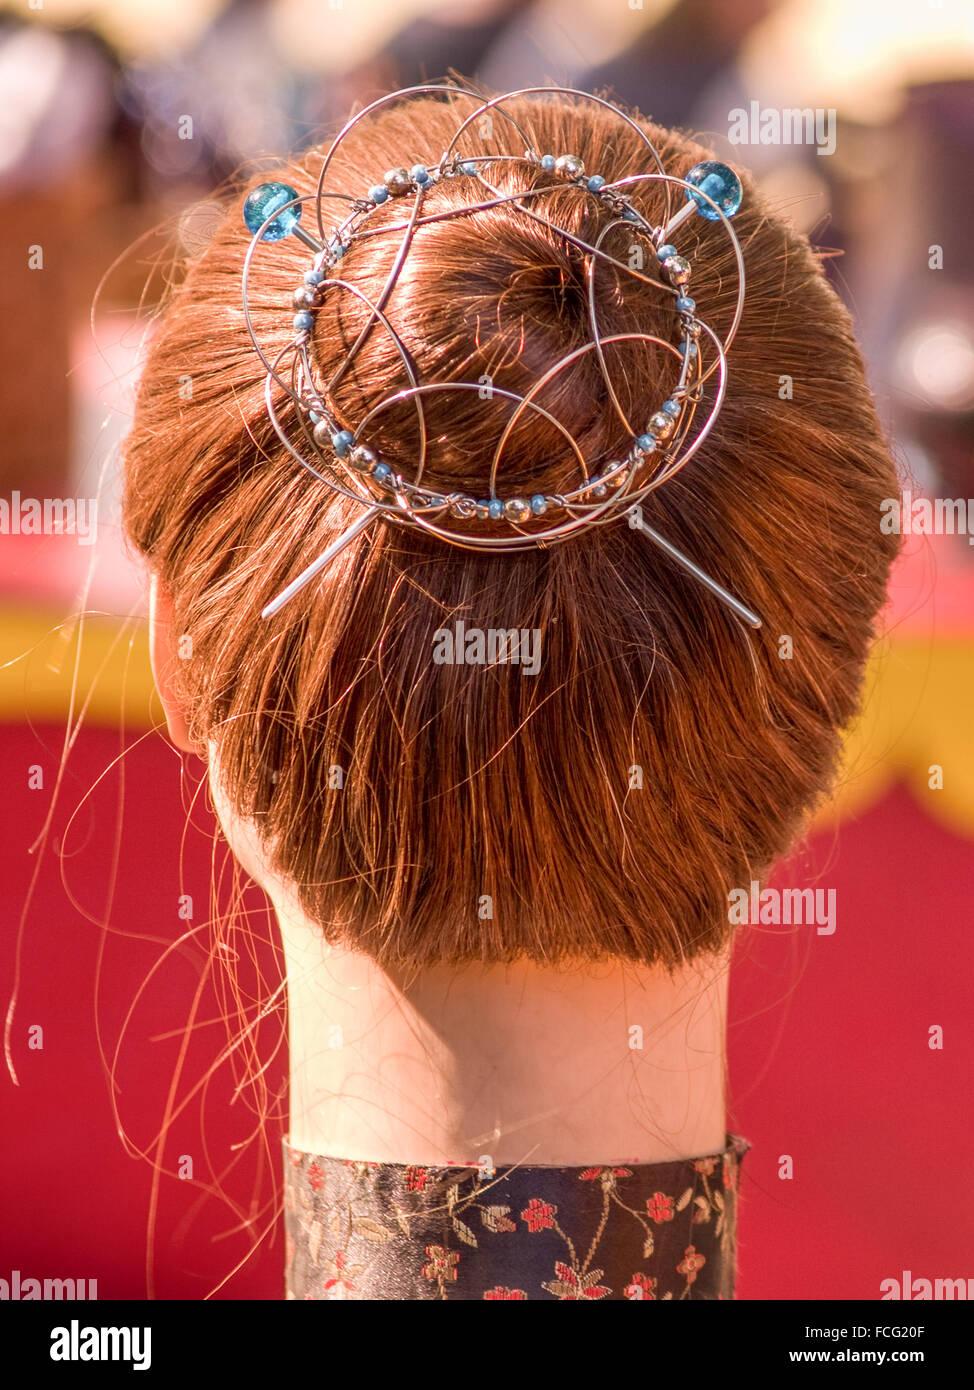 Hals und Kopf der Puppe mit roten Haaren in einem Brötchen Wabbel durch Draht Haarnadeln beim Renaissance Festival Stockfoto